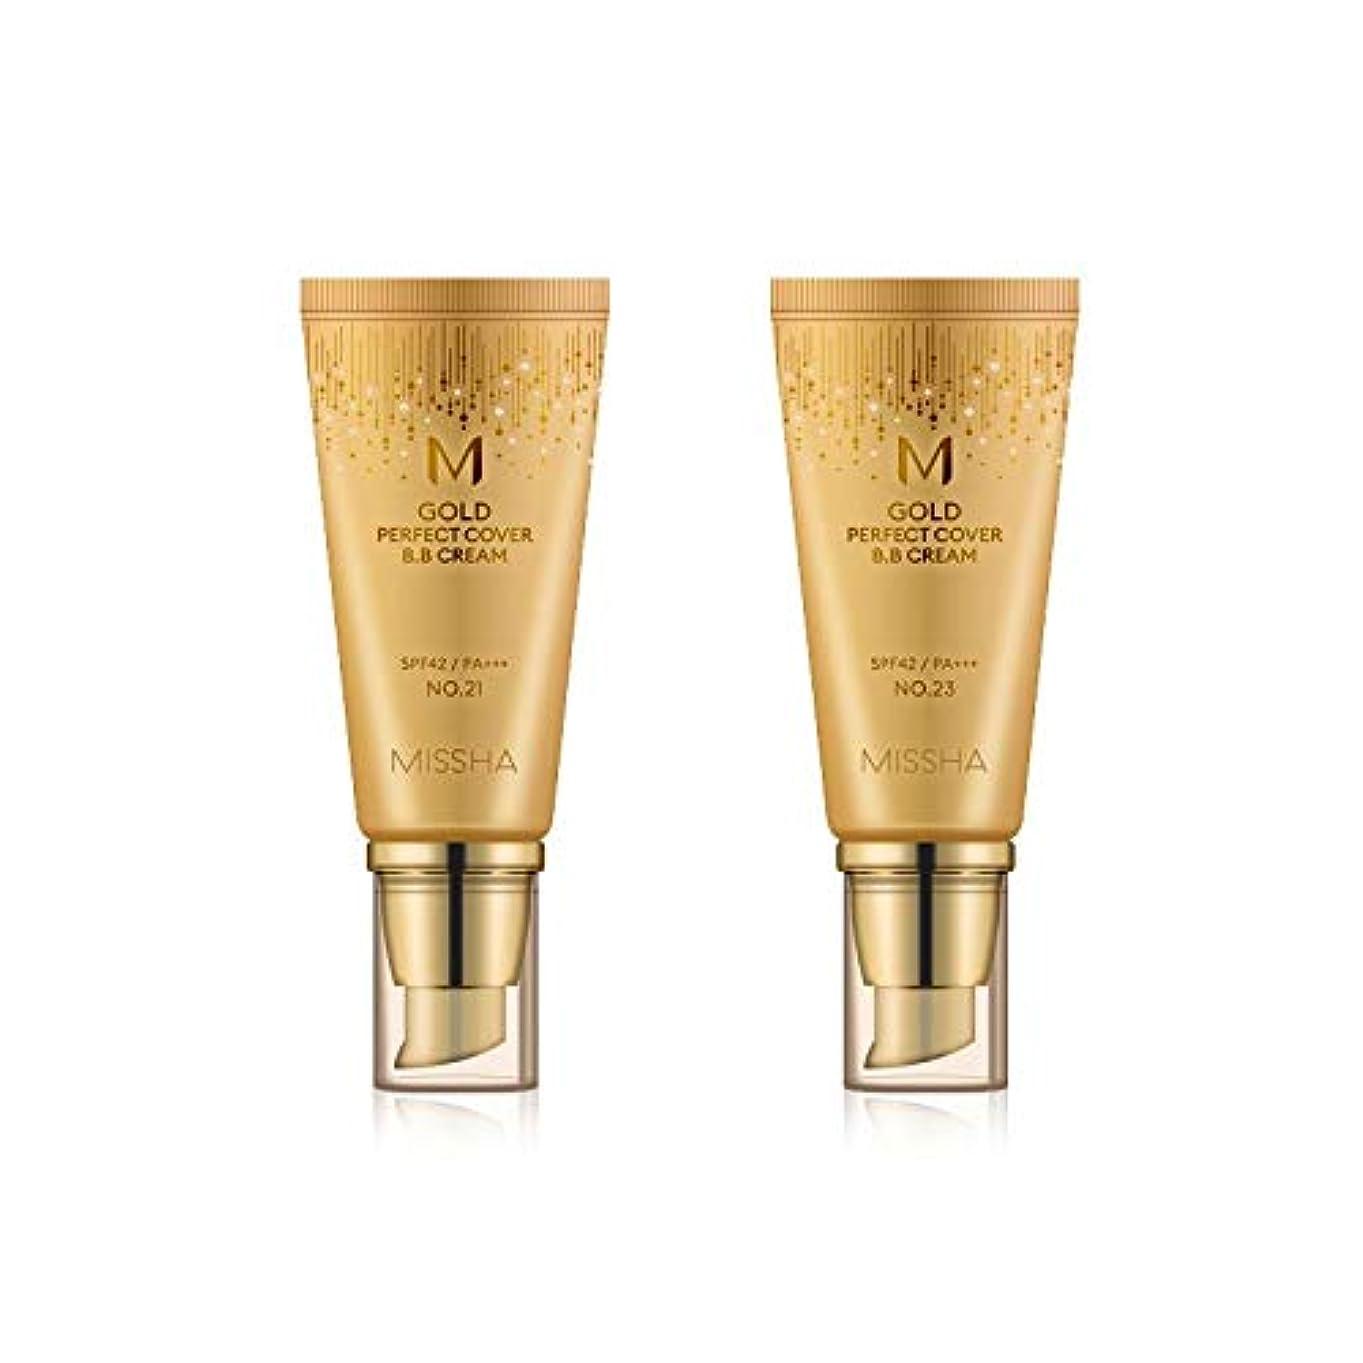 定説ガウンダイエットMISSHA Gold Perfecte Cover BB Cream SPF42 PA+++ / ミシャ ゴールド パーフェクト カバー BBクリーム 50ml *NO.21 [並行輸入品]